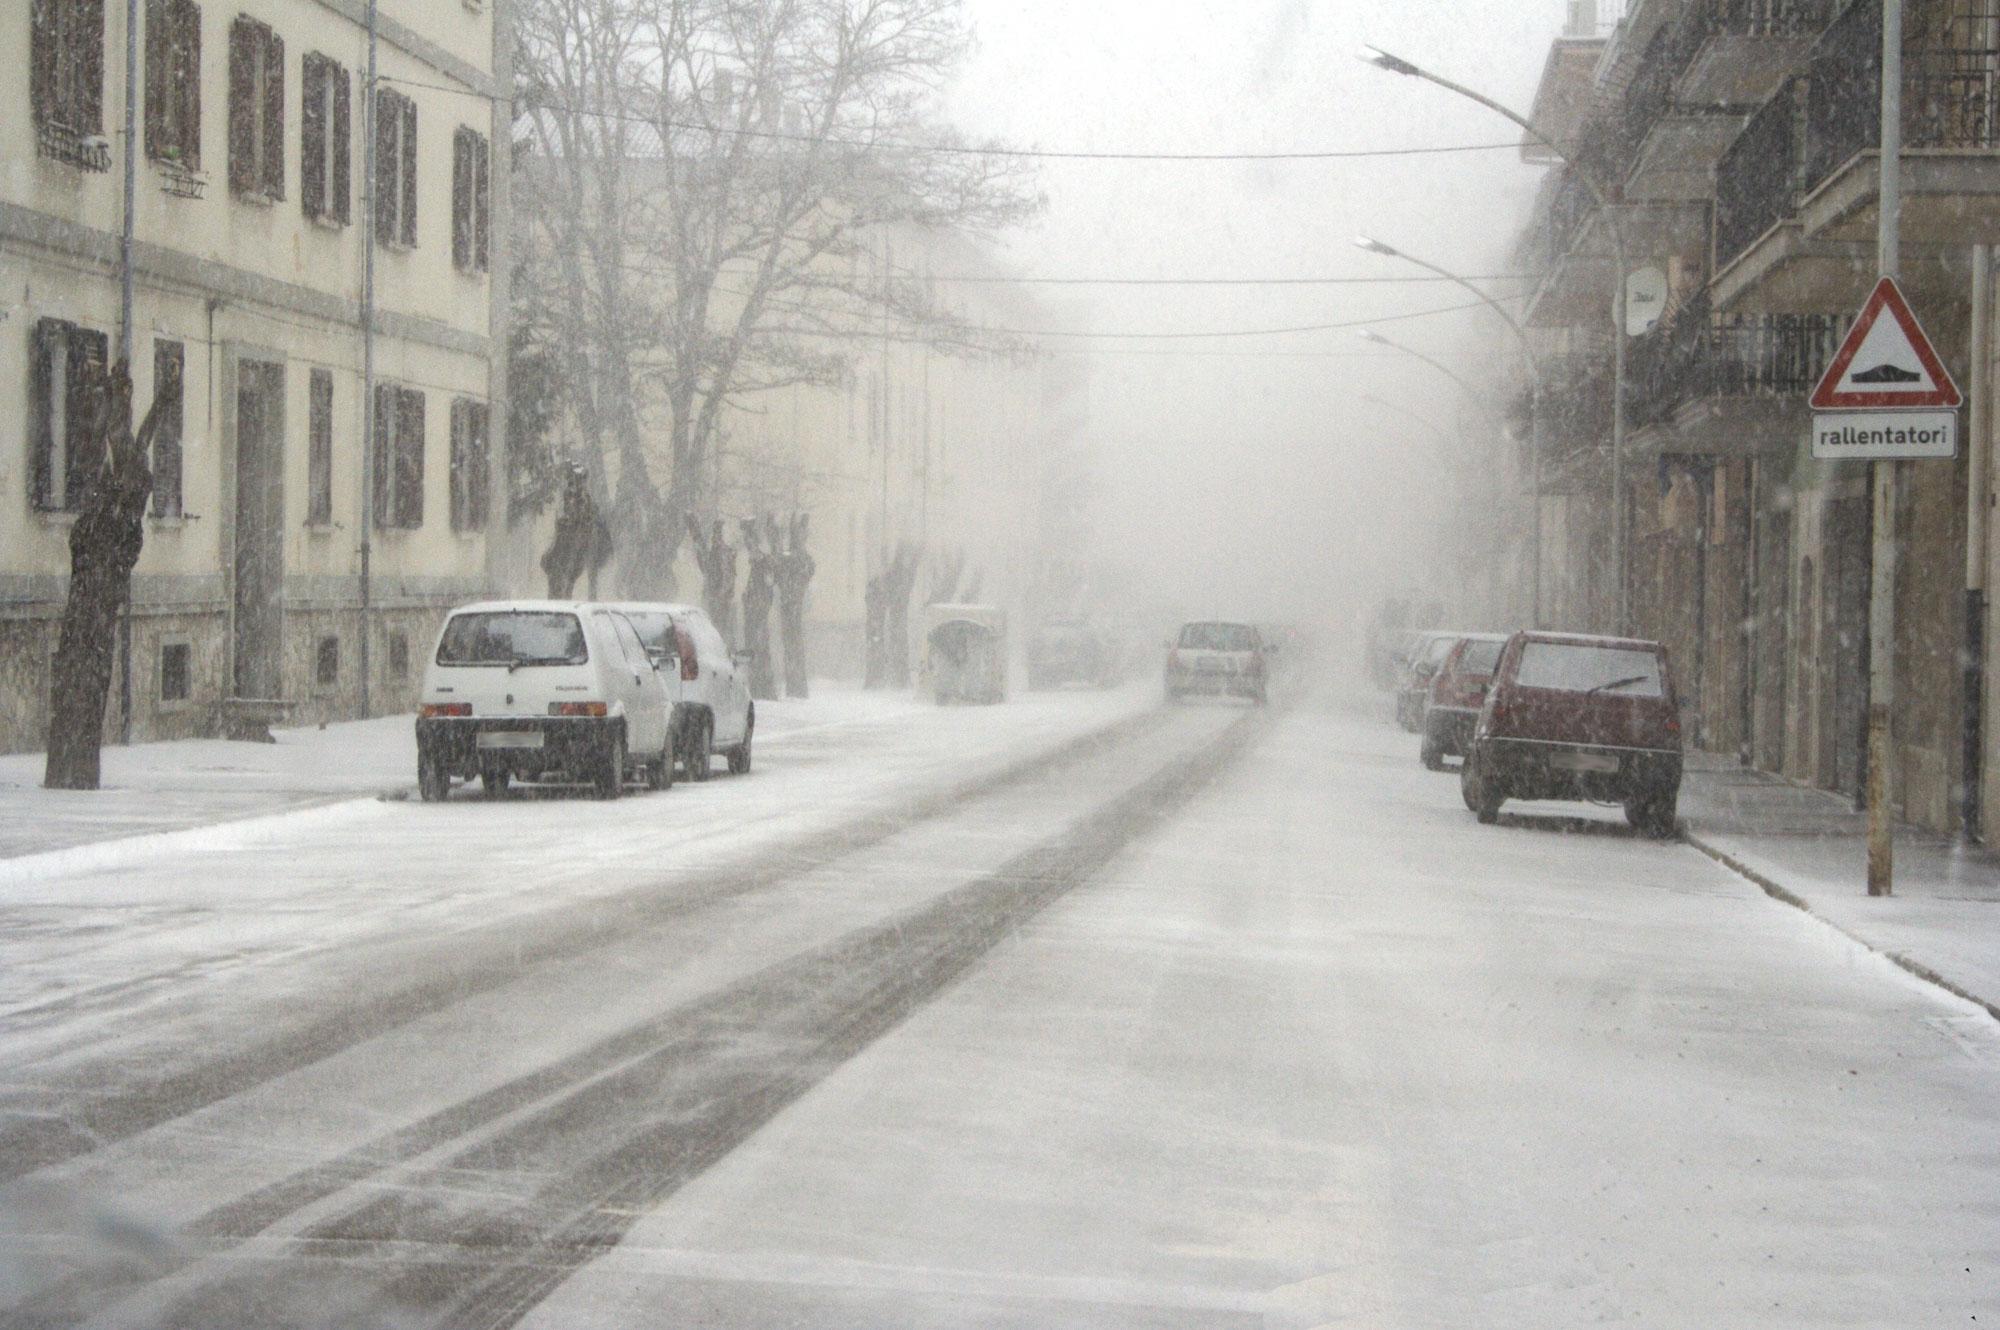 Photo of Maltempo, ancora neve ma situazione sotto controllo in tutta la regione